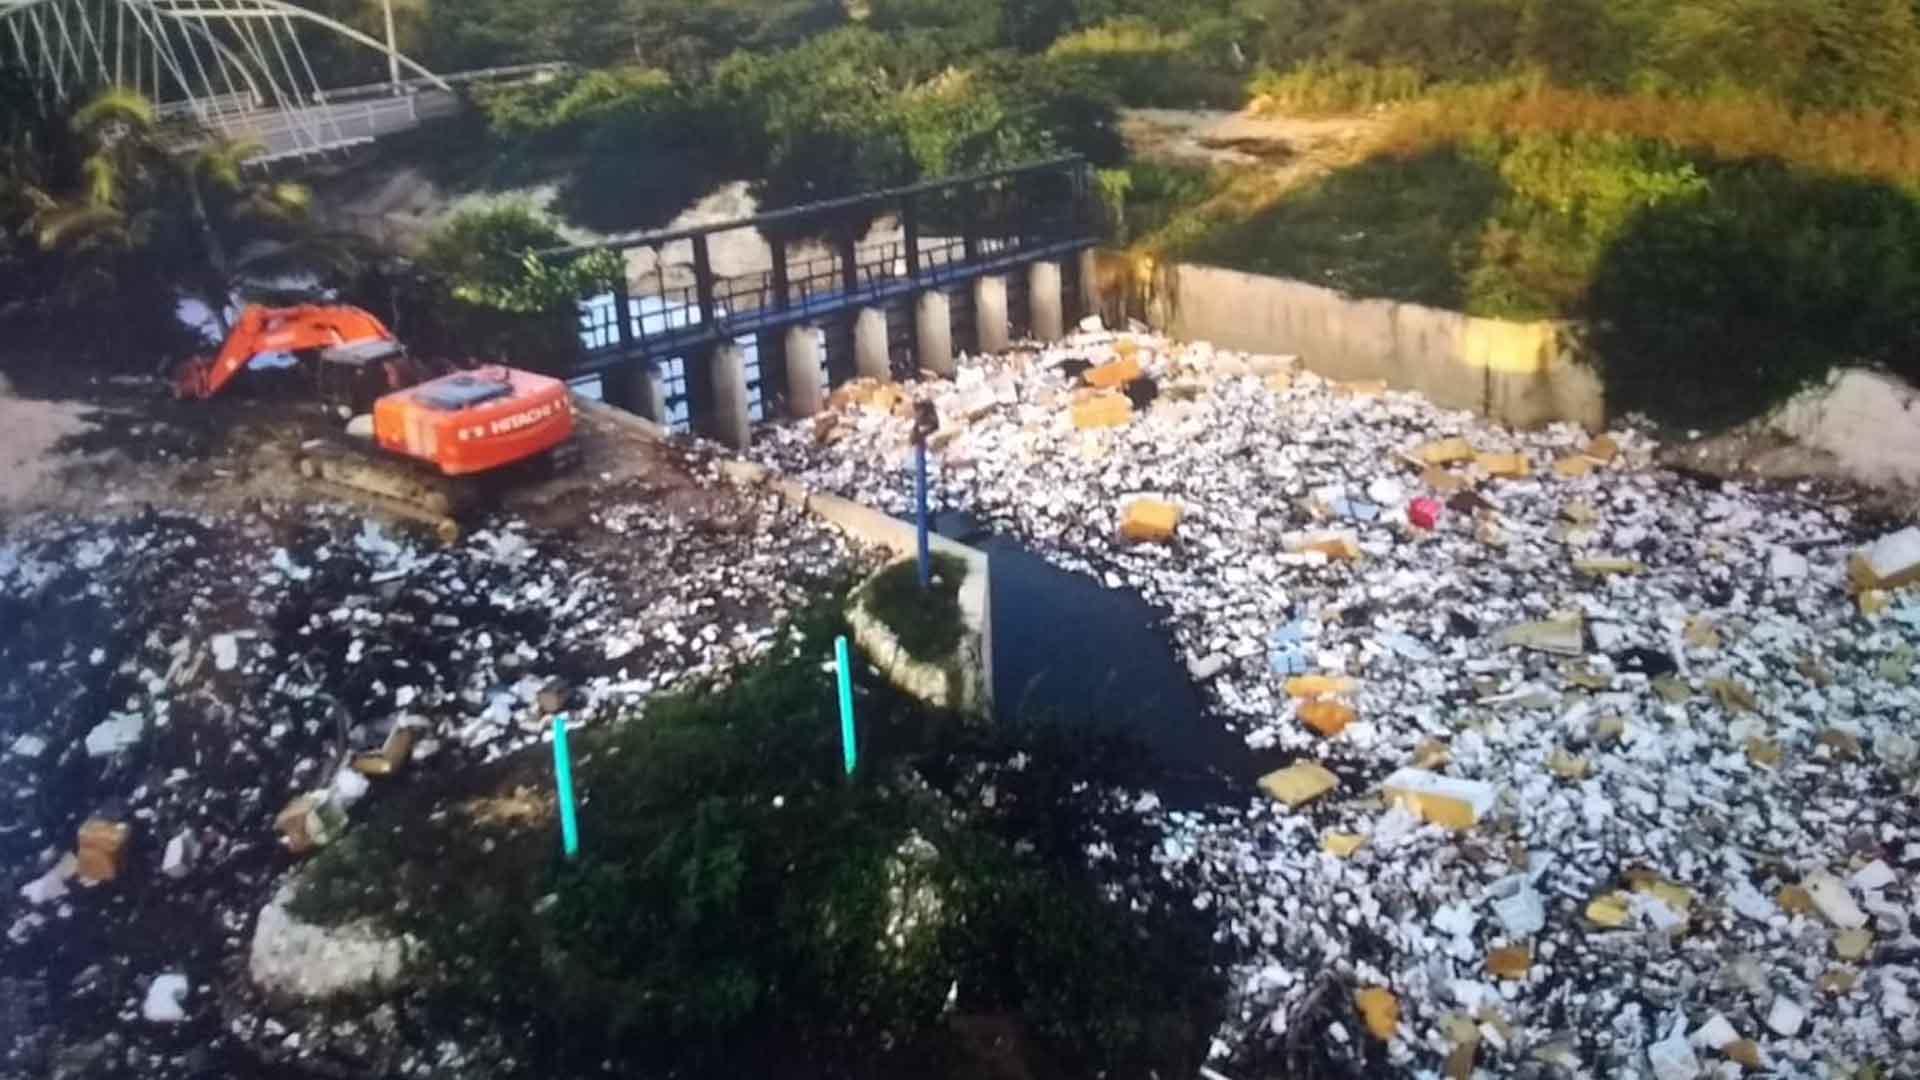 Una 'alfombra' de basuras flota en arroyo León, en Puerto Colombia - El Heraldo (Colombia)